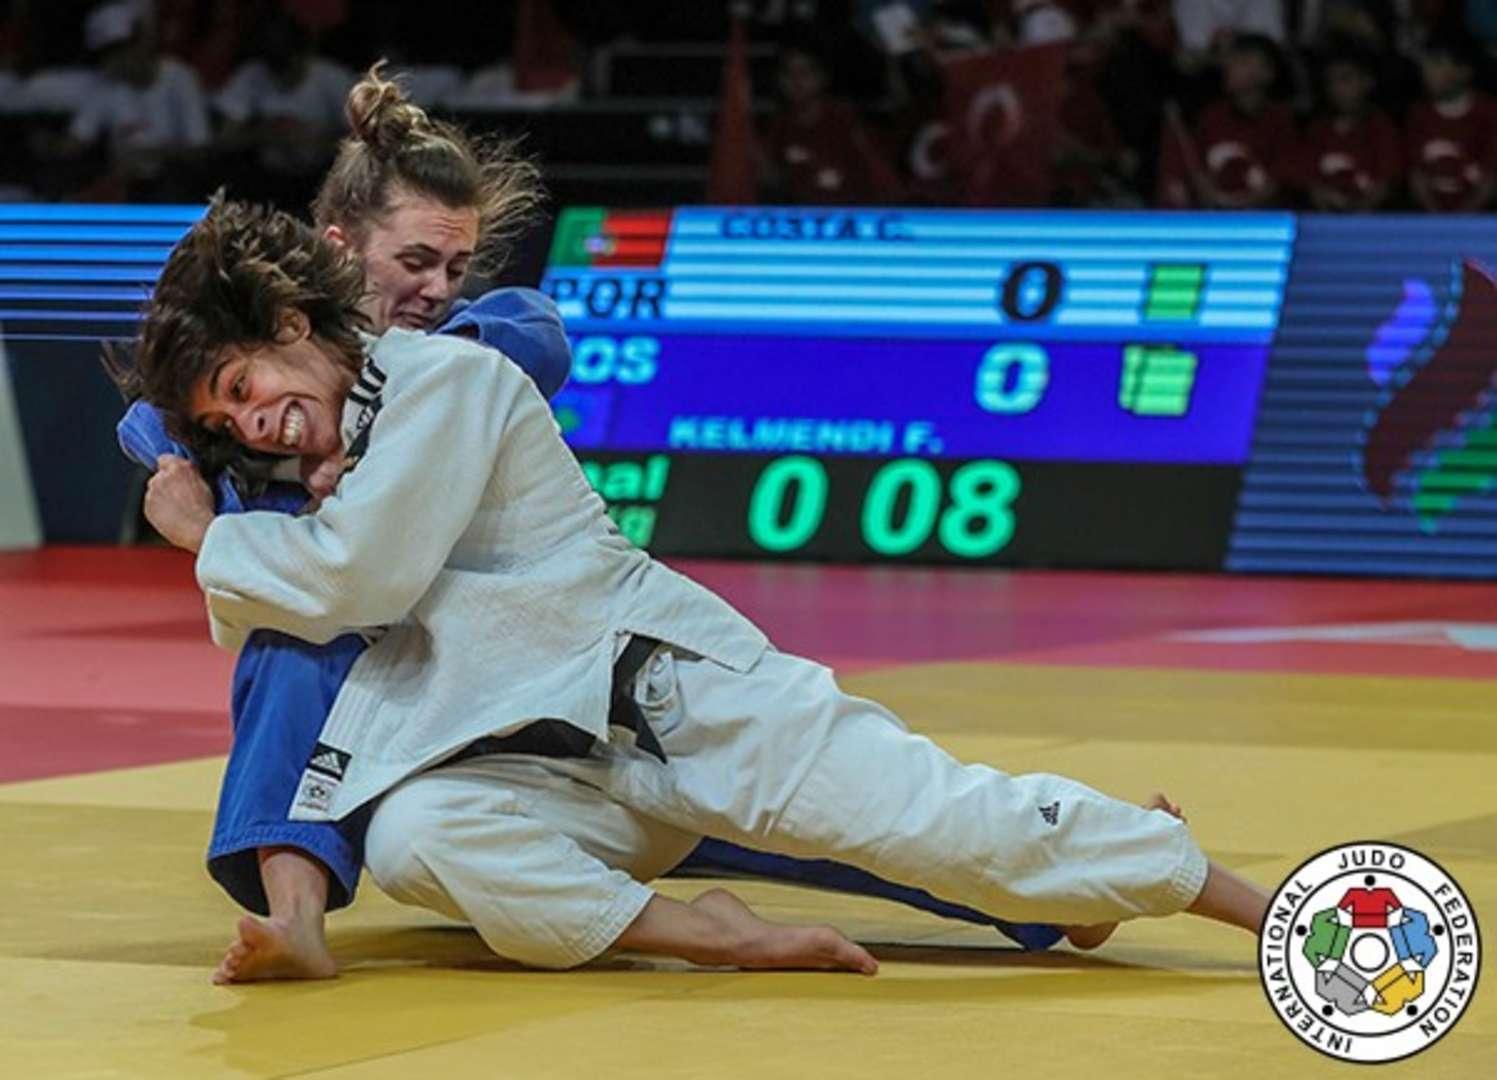 JudoTurkey - Kosovo set the pace - Antalya Grand Prix 2018